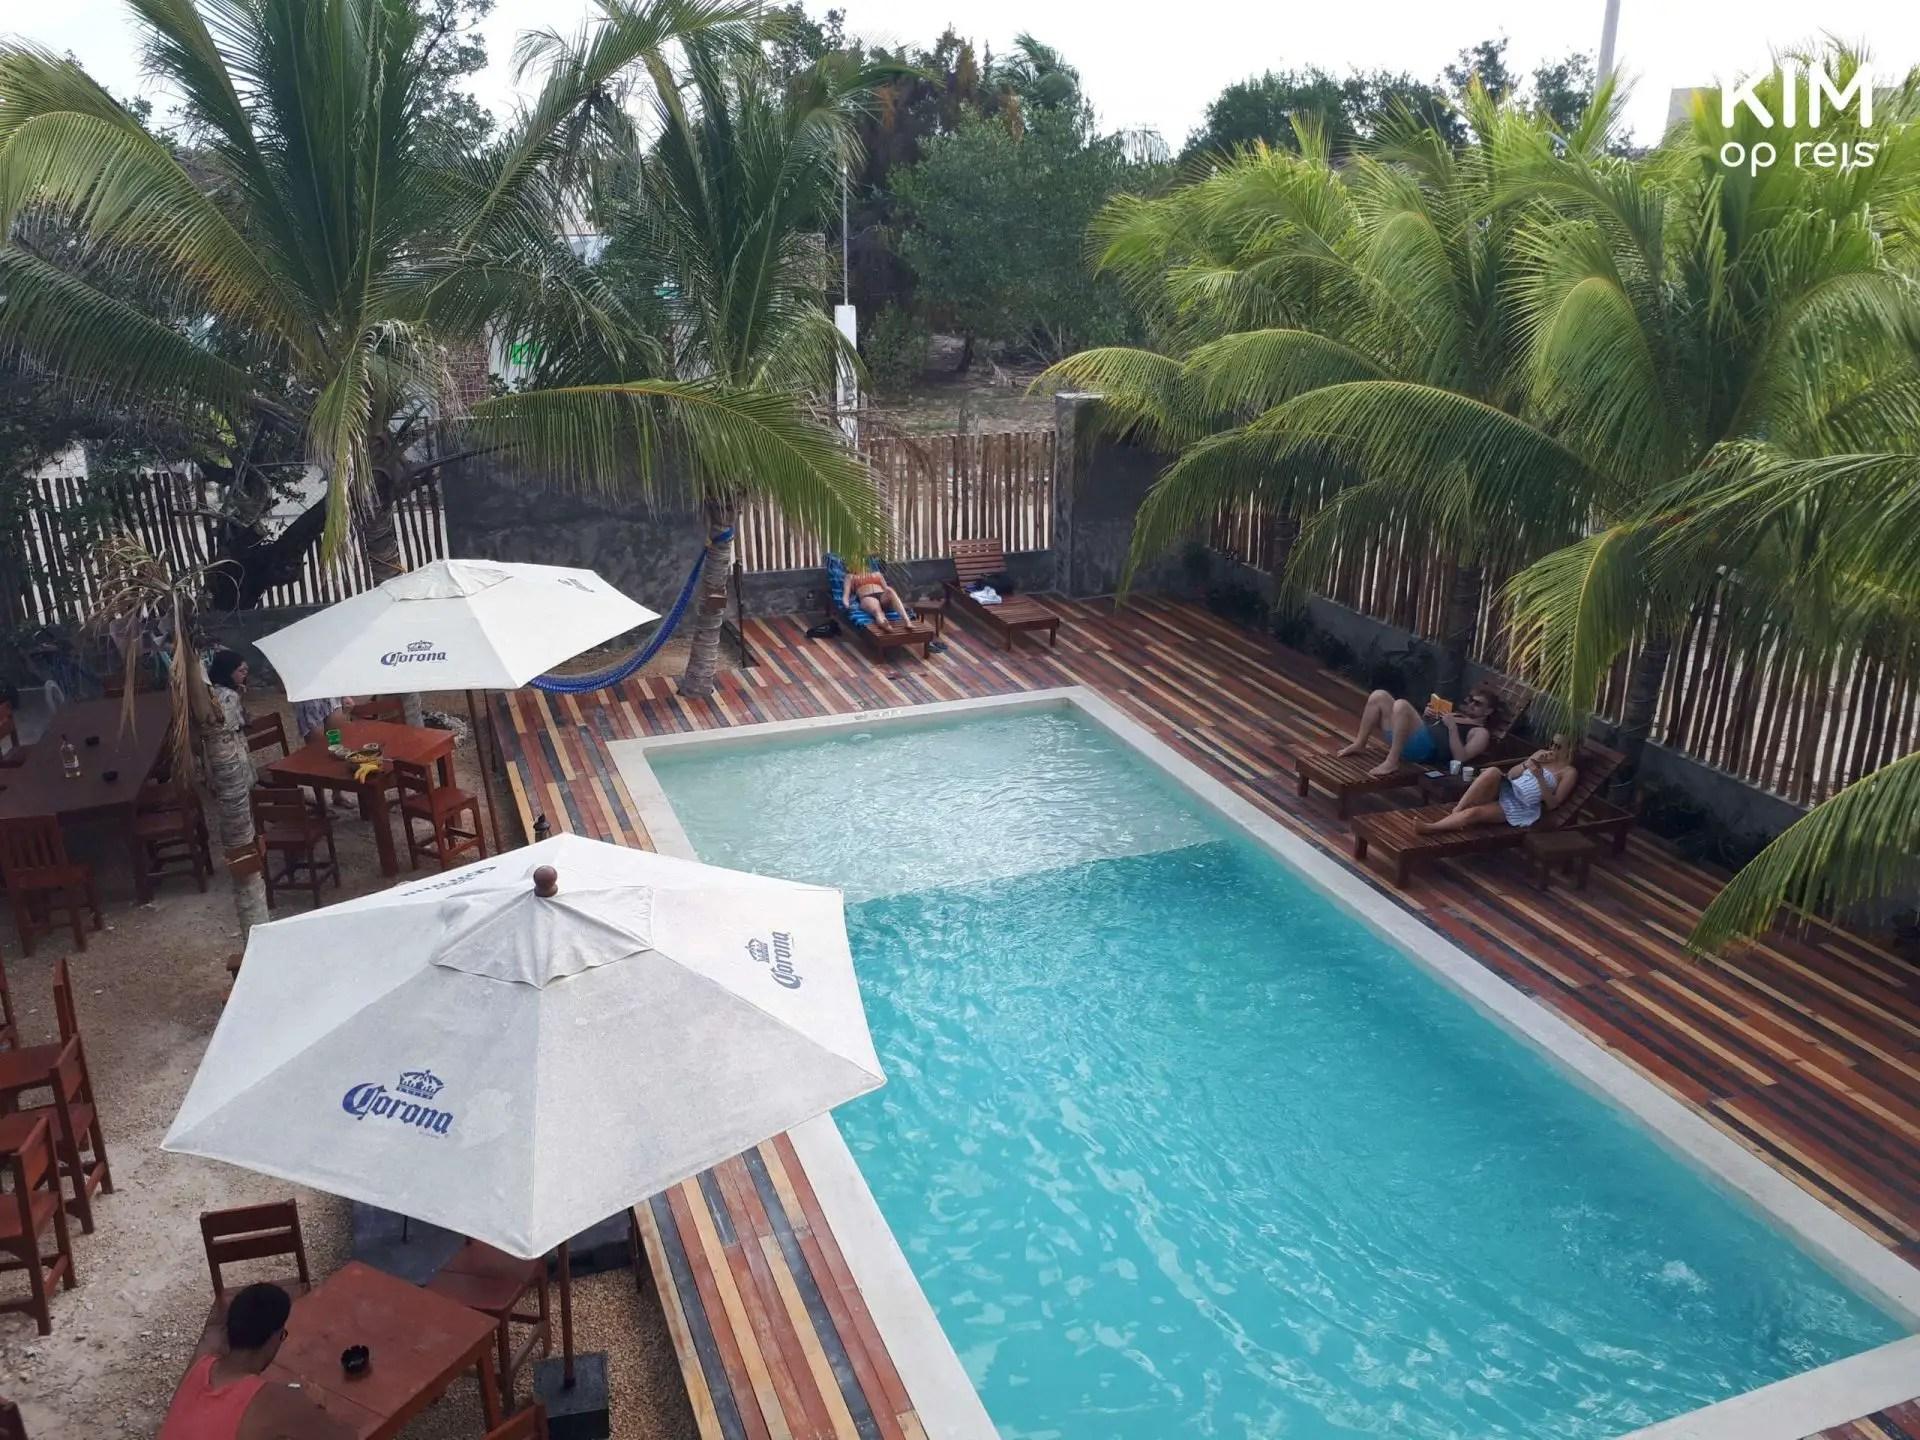 Isla Holbox Che Hostel zwembad: openluchtzwembad met parasols en palmbomen